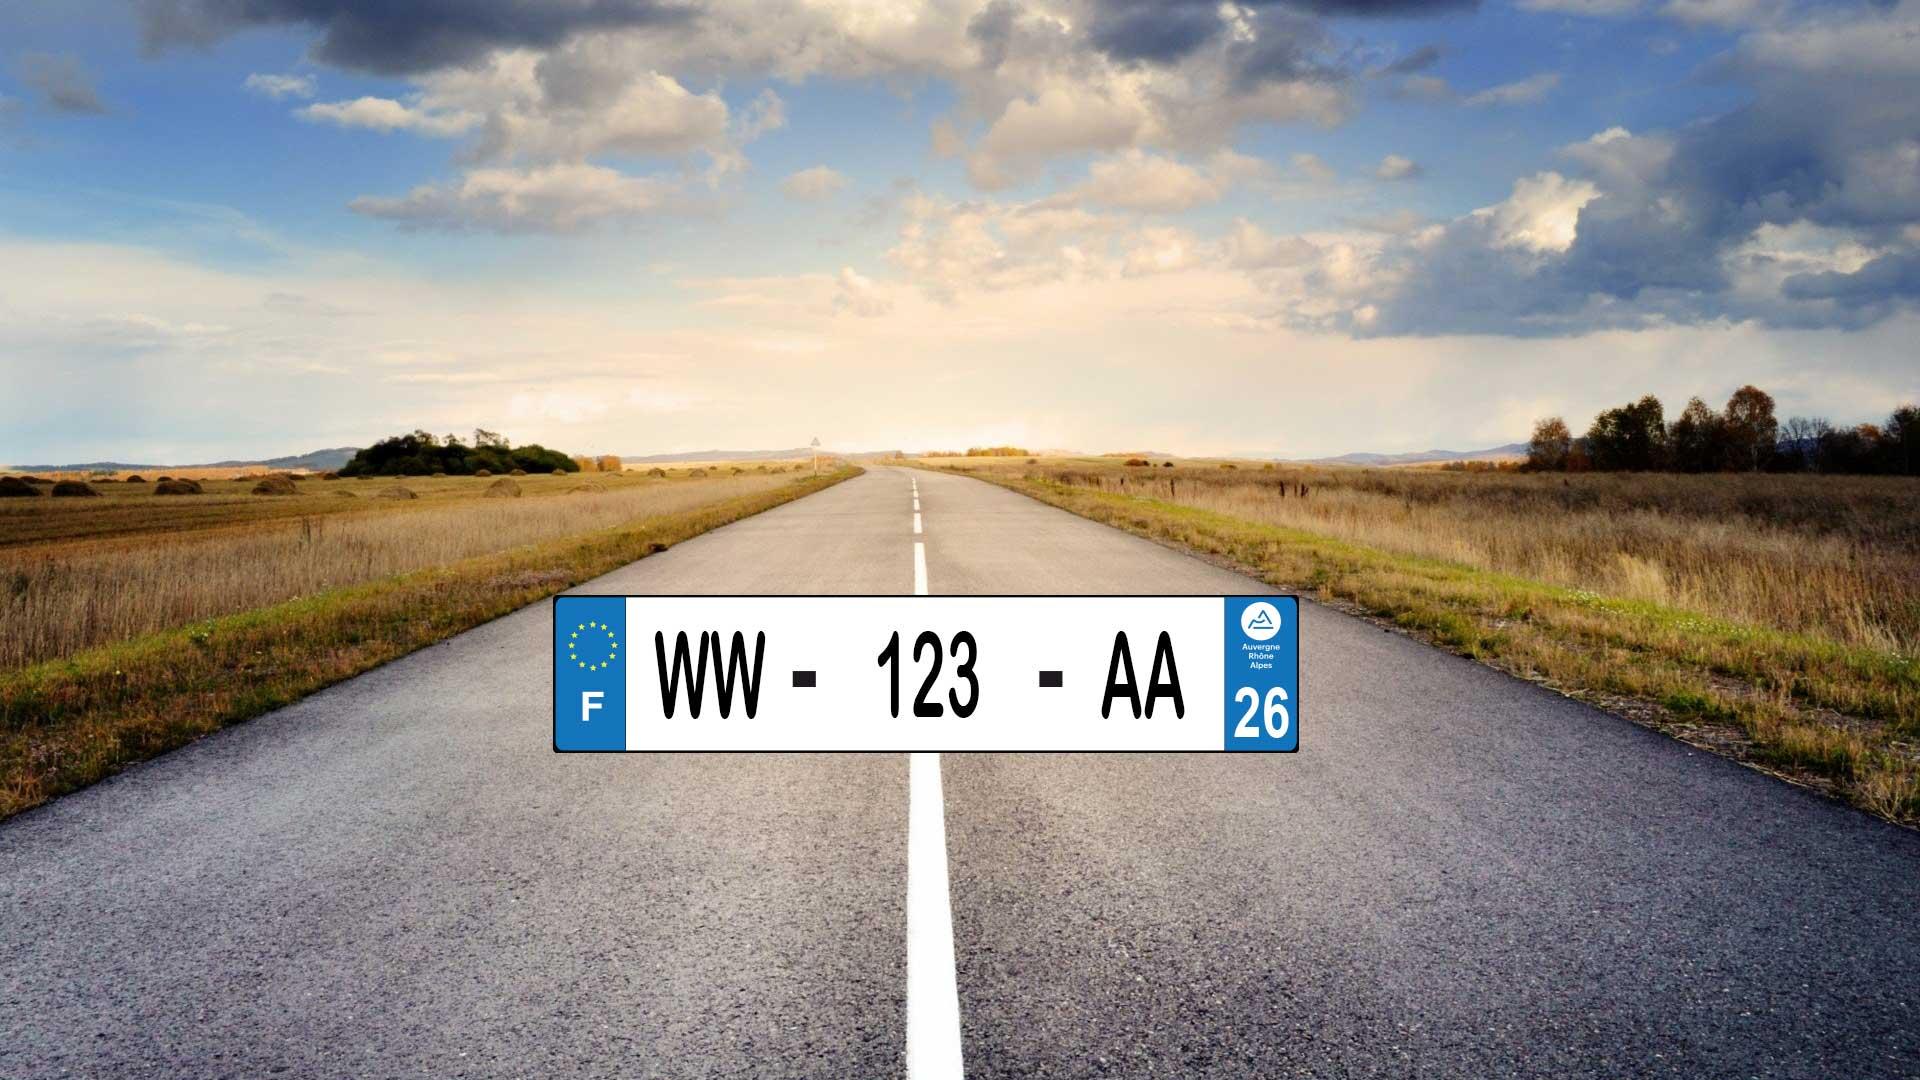 Immatriculation provisoire et plaque WW : Comment les obtenir ?